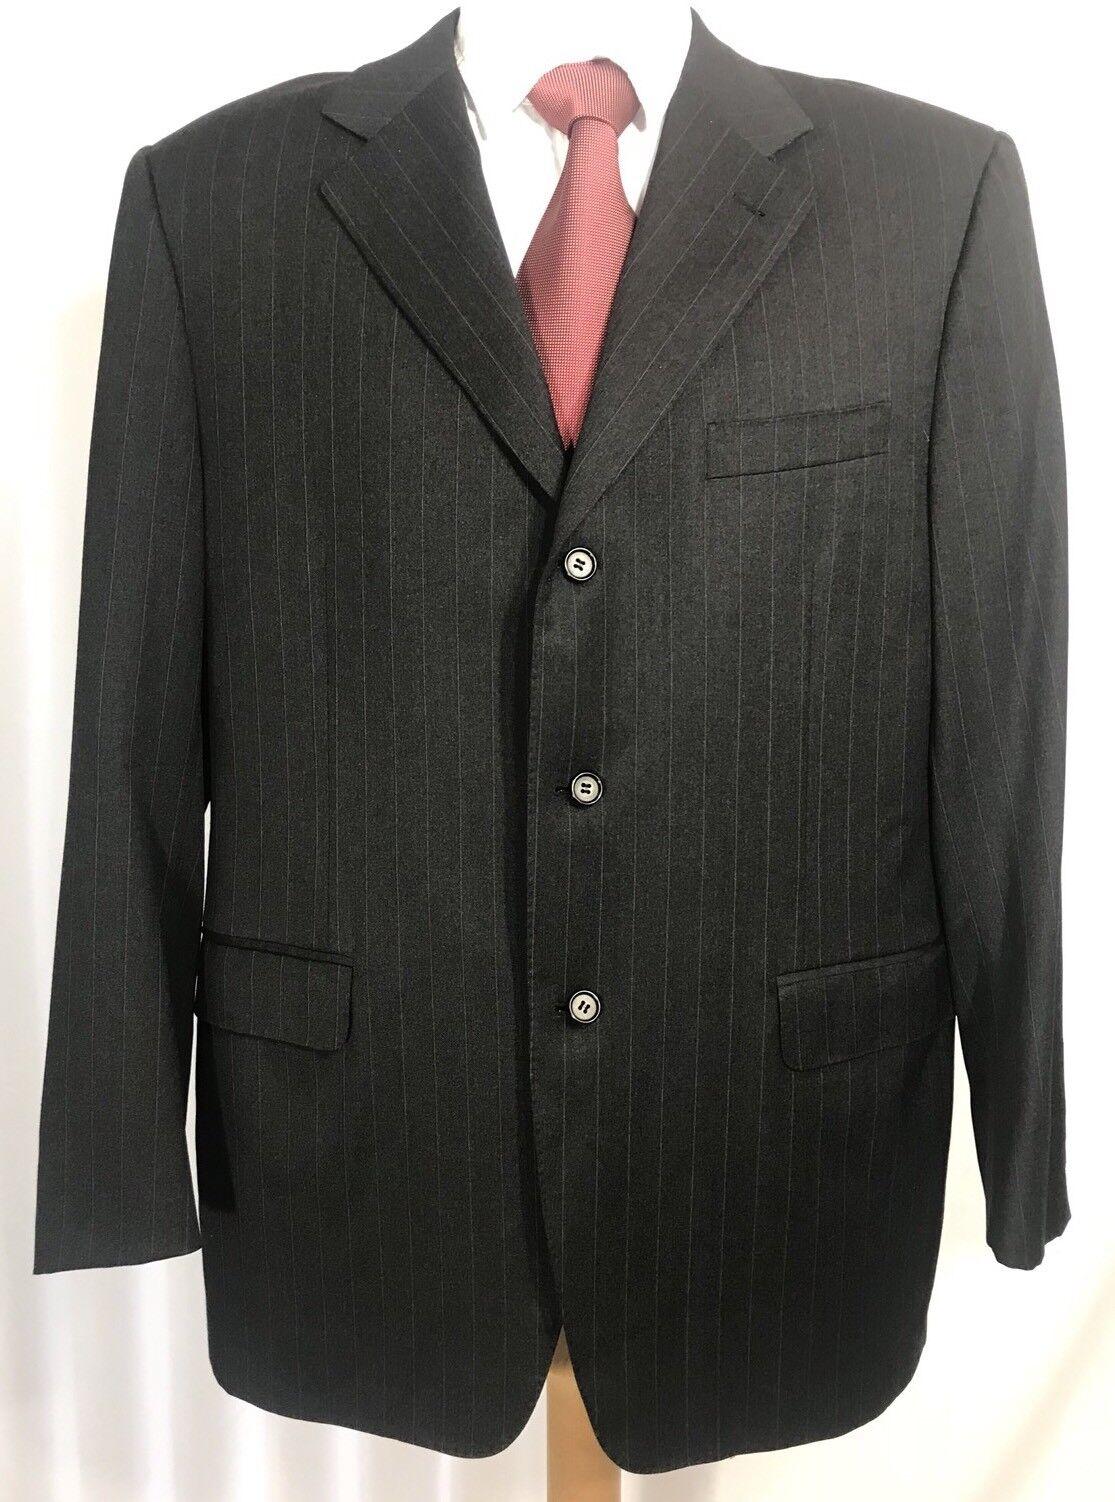 Canali Proposta Men Three Button 100% Wool Blazer Coat Größe 42 R Made In